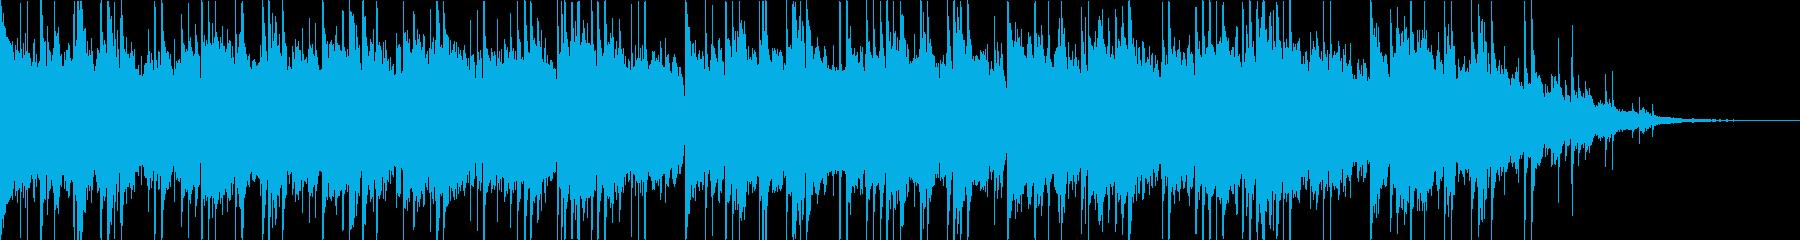 「癒しの旅アジア」オリエンタルな音楽の再生済みの波形